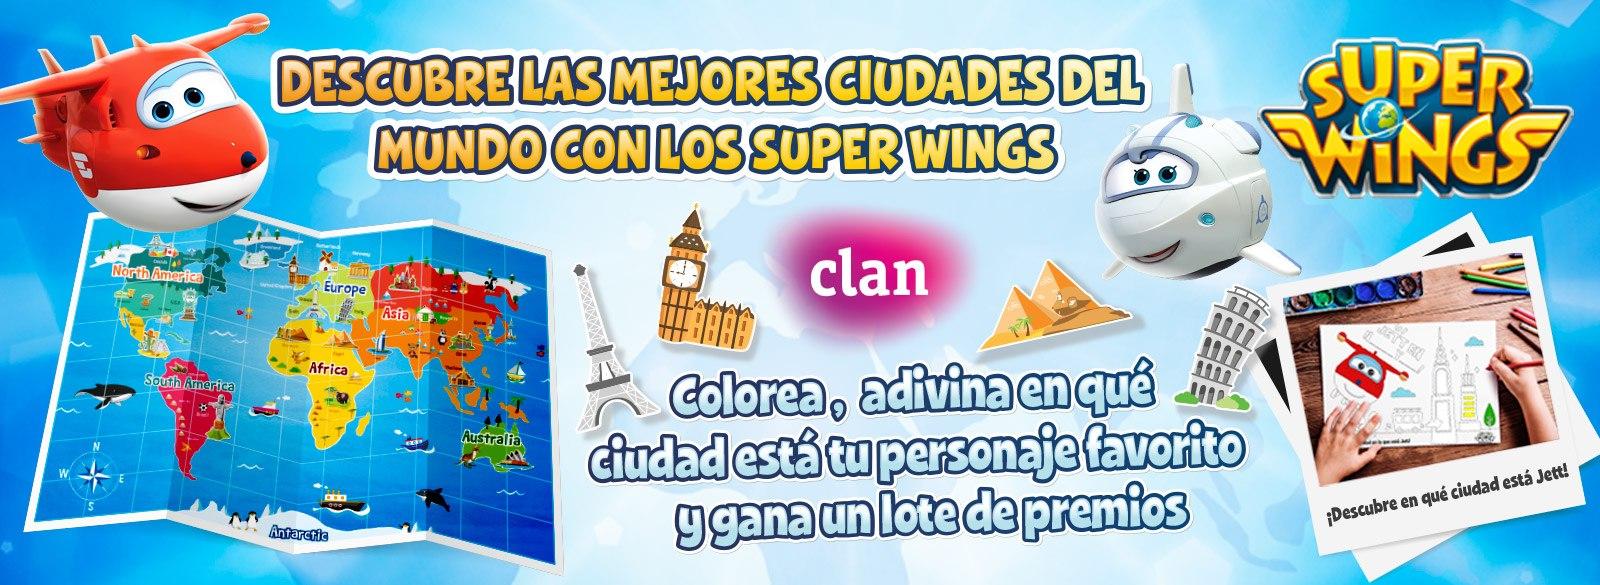 Super Wings Concurso